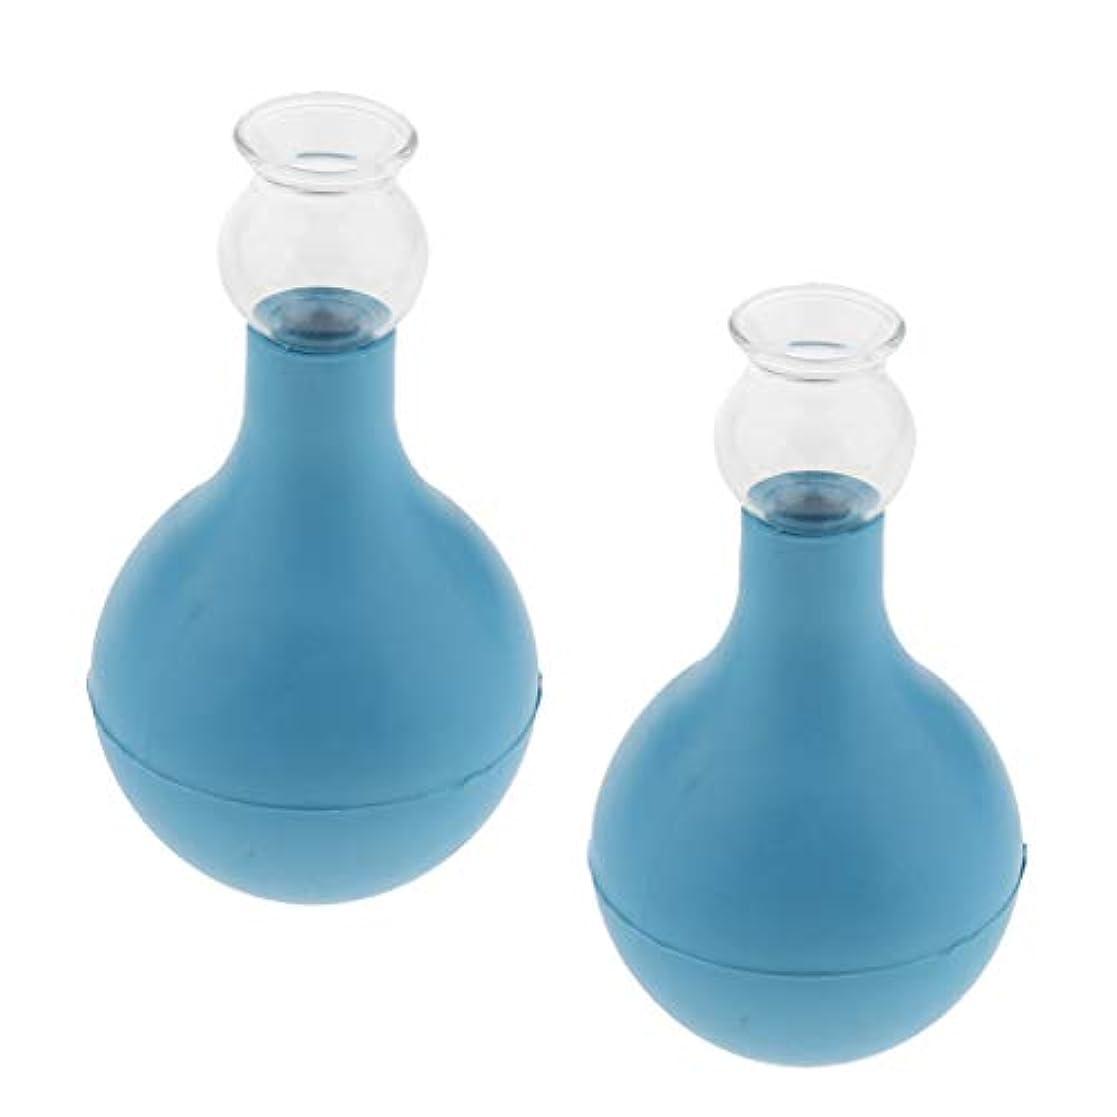 有罪アラブ人謝る5PCS安全なガラス吸引真空カッピング マッサージサロン ホーム - ブルー+ブルー2cm